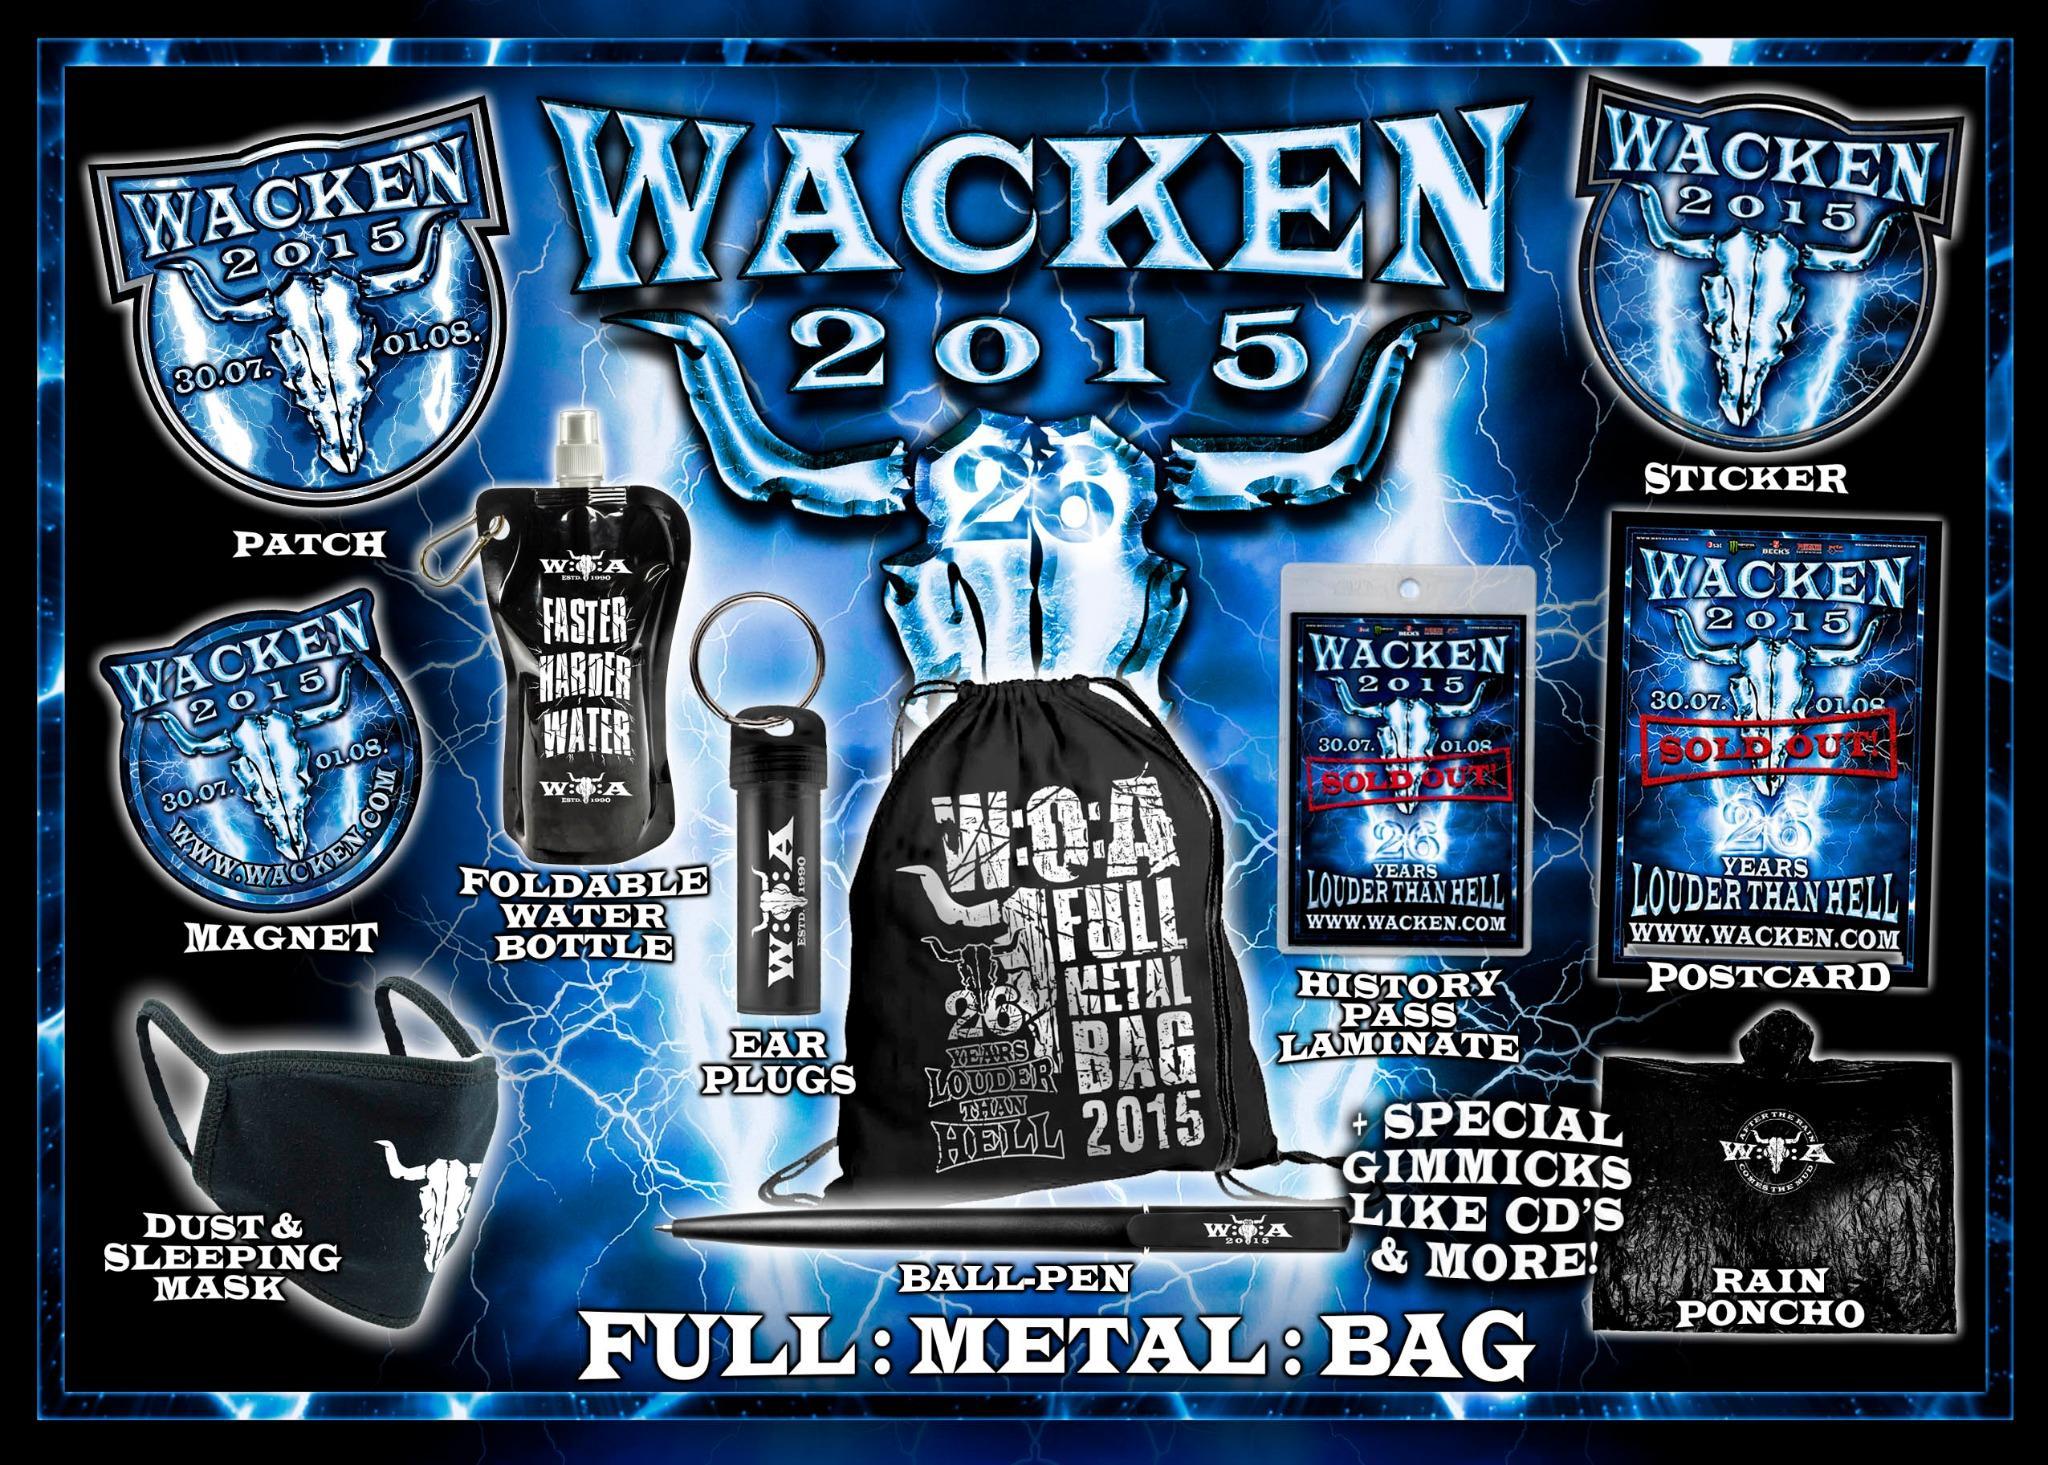 Full Metal Bag